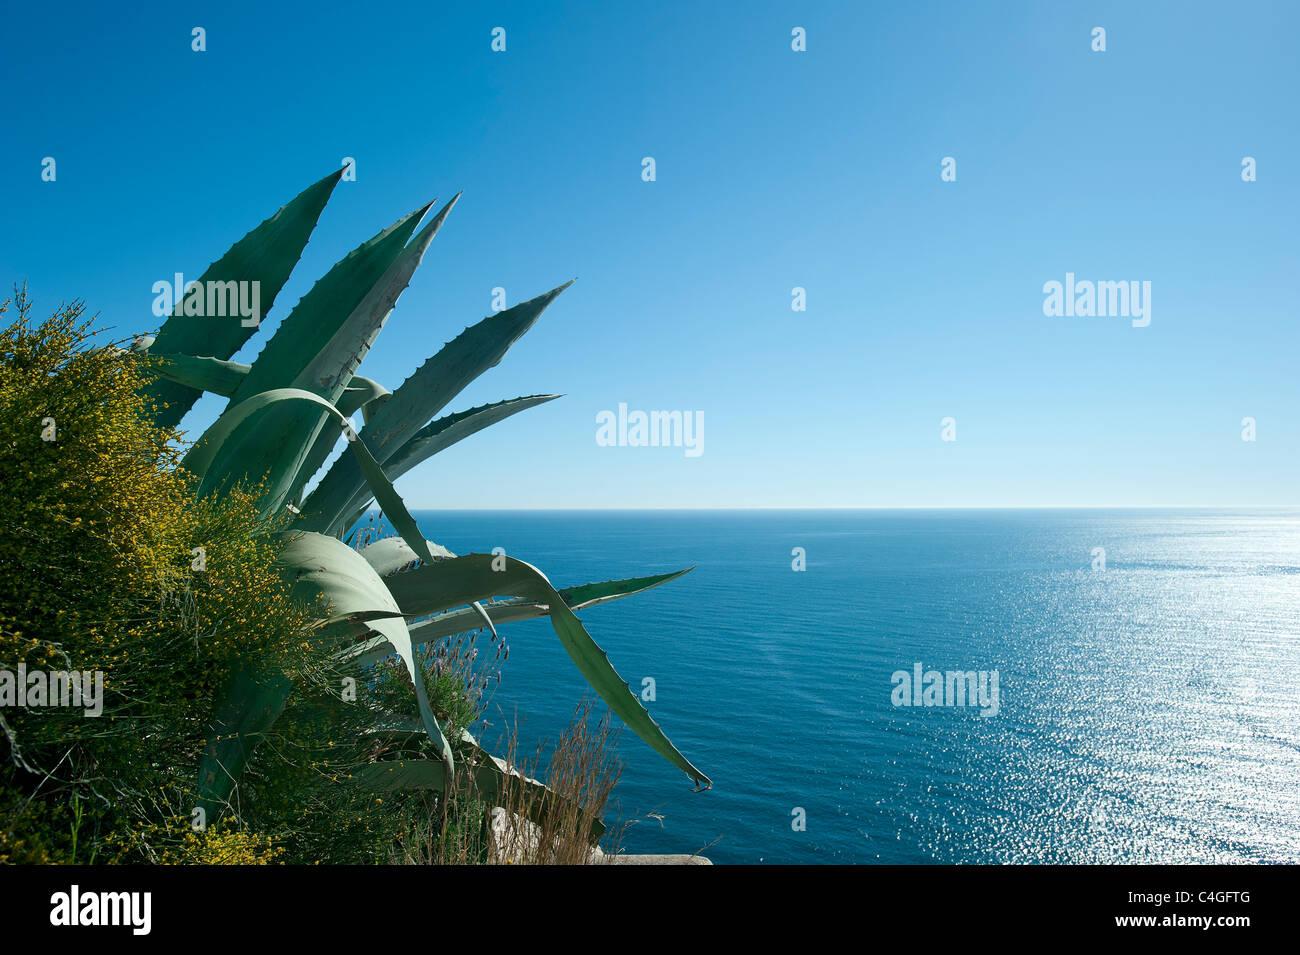 Cap de la Nau, Alicante, Costa Blanca, Spain - Stock Image